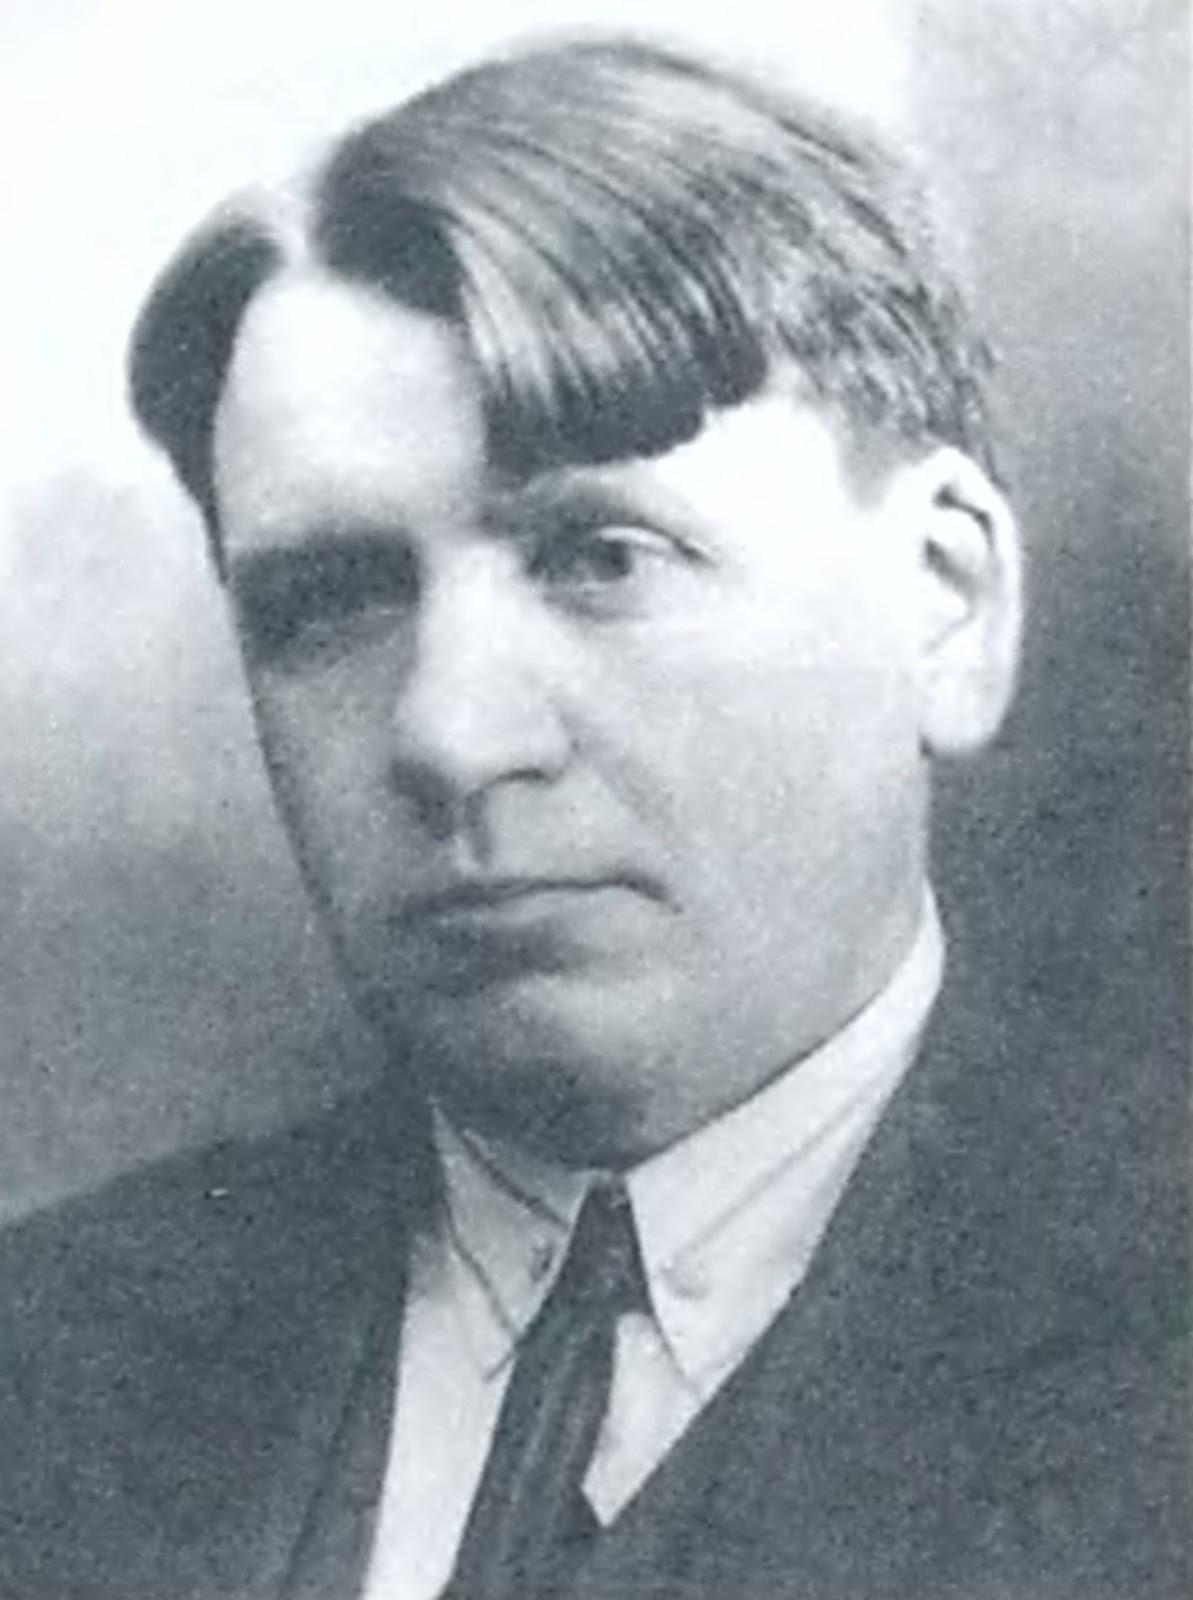 Товариш Емануїл Квірінг, улюблений клієнт торговців зброєю